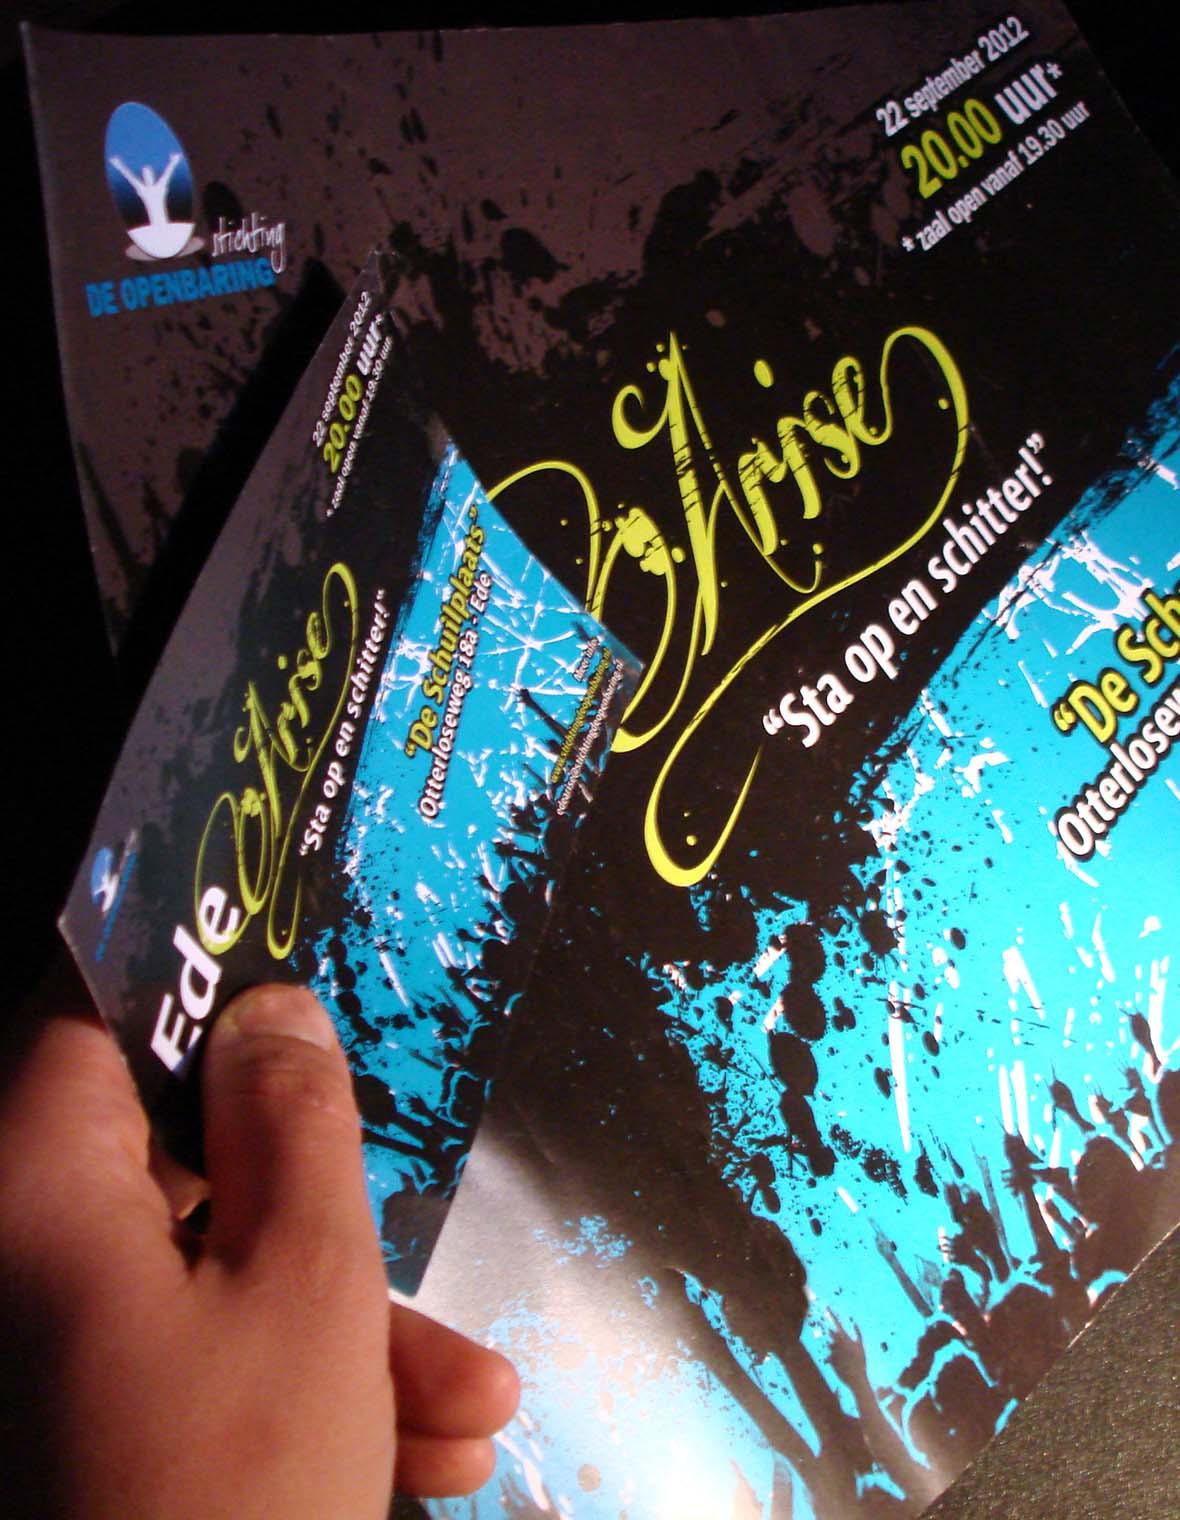 stichtingdeopenbaring logo huisstijl flyer drukwerk compilatie collectie poster